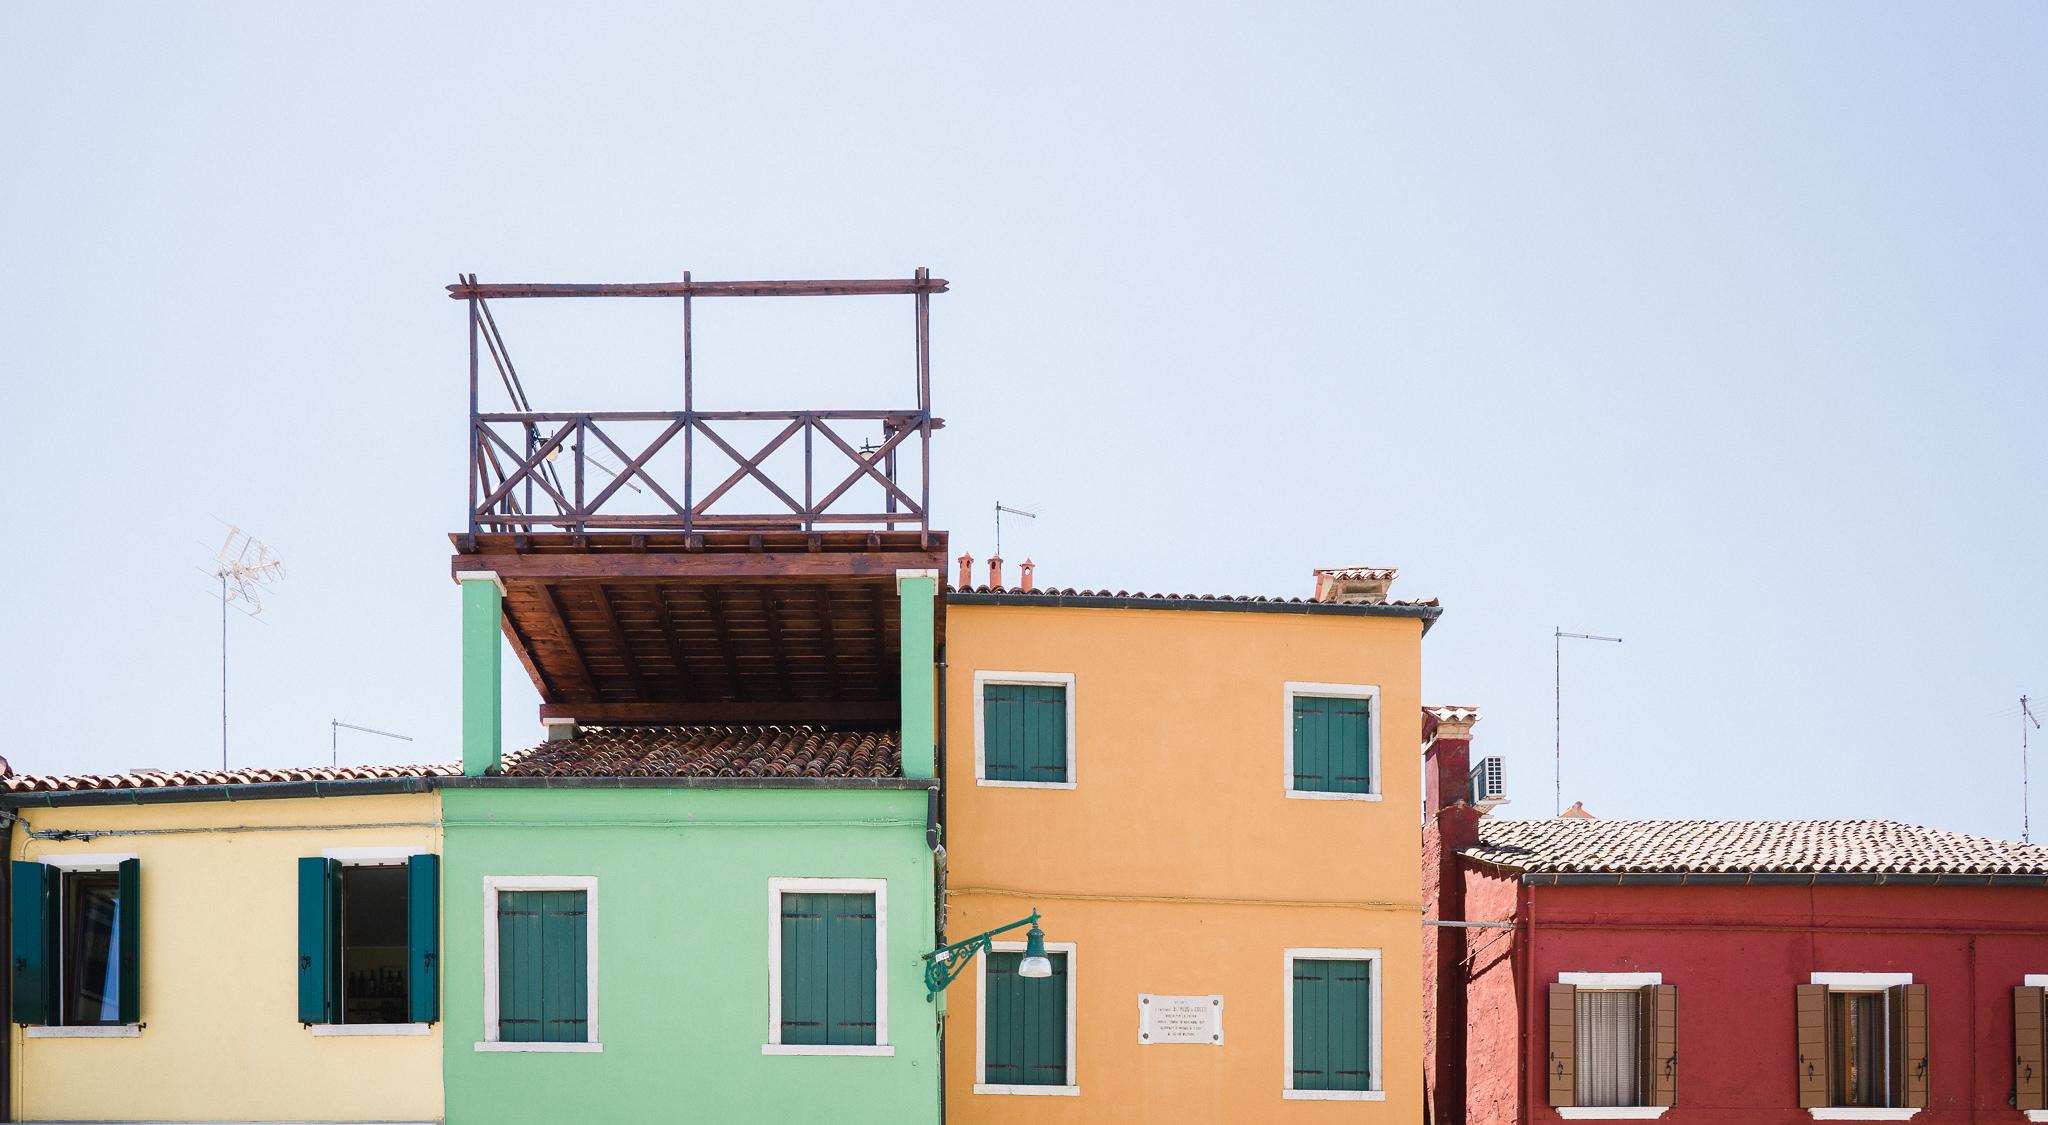 Venice-Burano-Italy-27.jpg